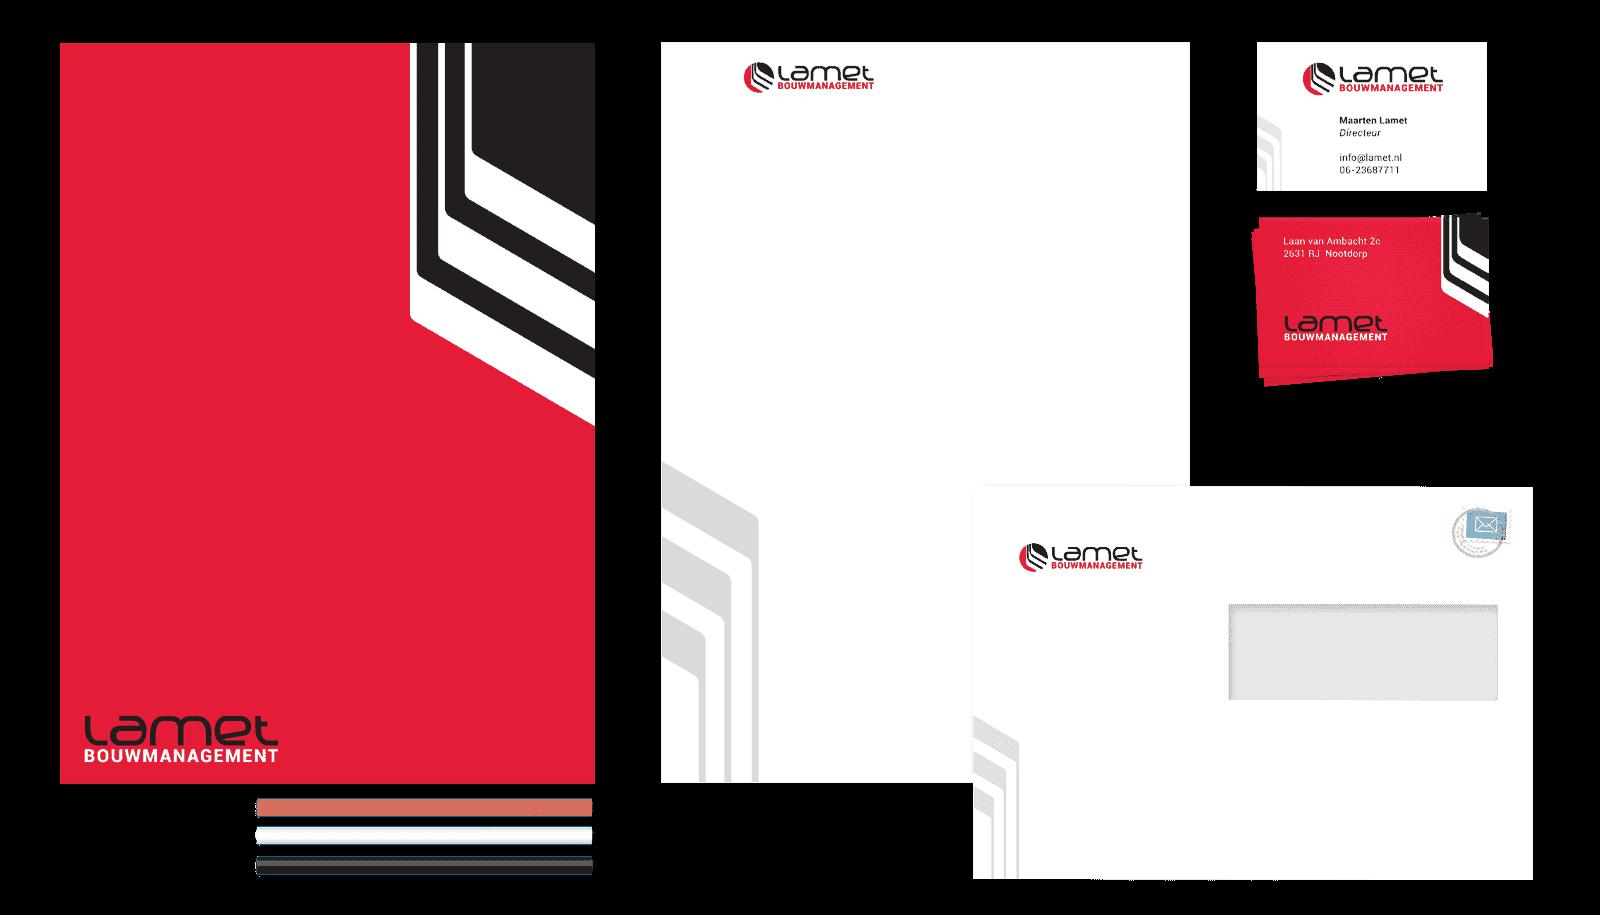 Afbeelding met alle Huisstijlelementen die gonzodesign voor Lamet heeft ontworpen. Van links naar rechts: briefpapier (voor- en achterzijde), visitekaartjes (voor- en achterzijde) en een enveloppe met venster